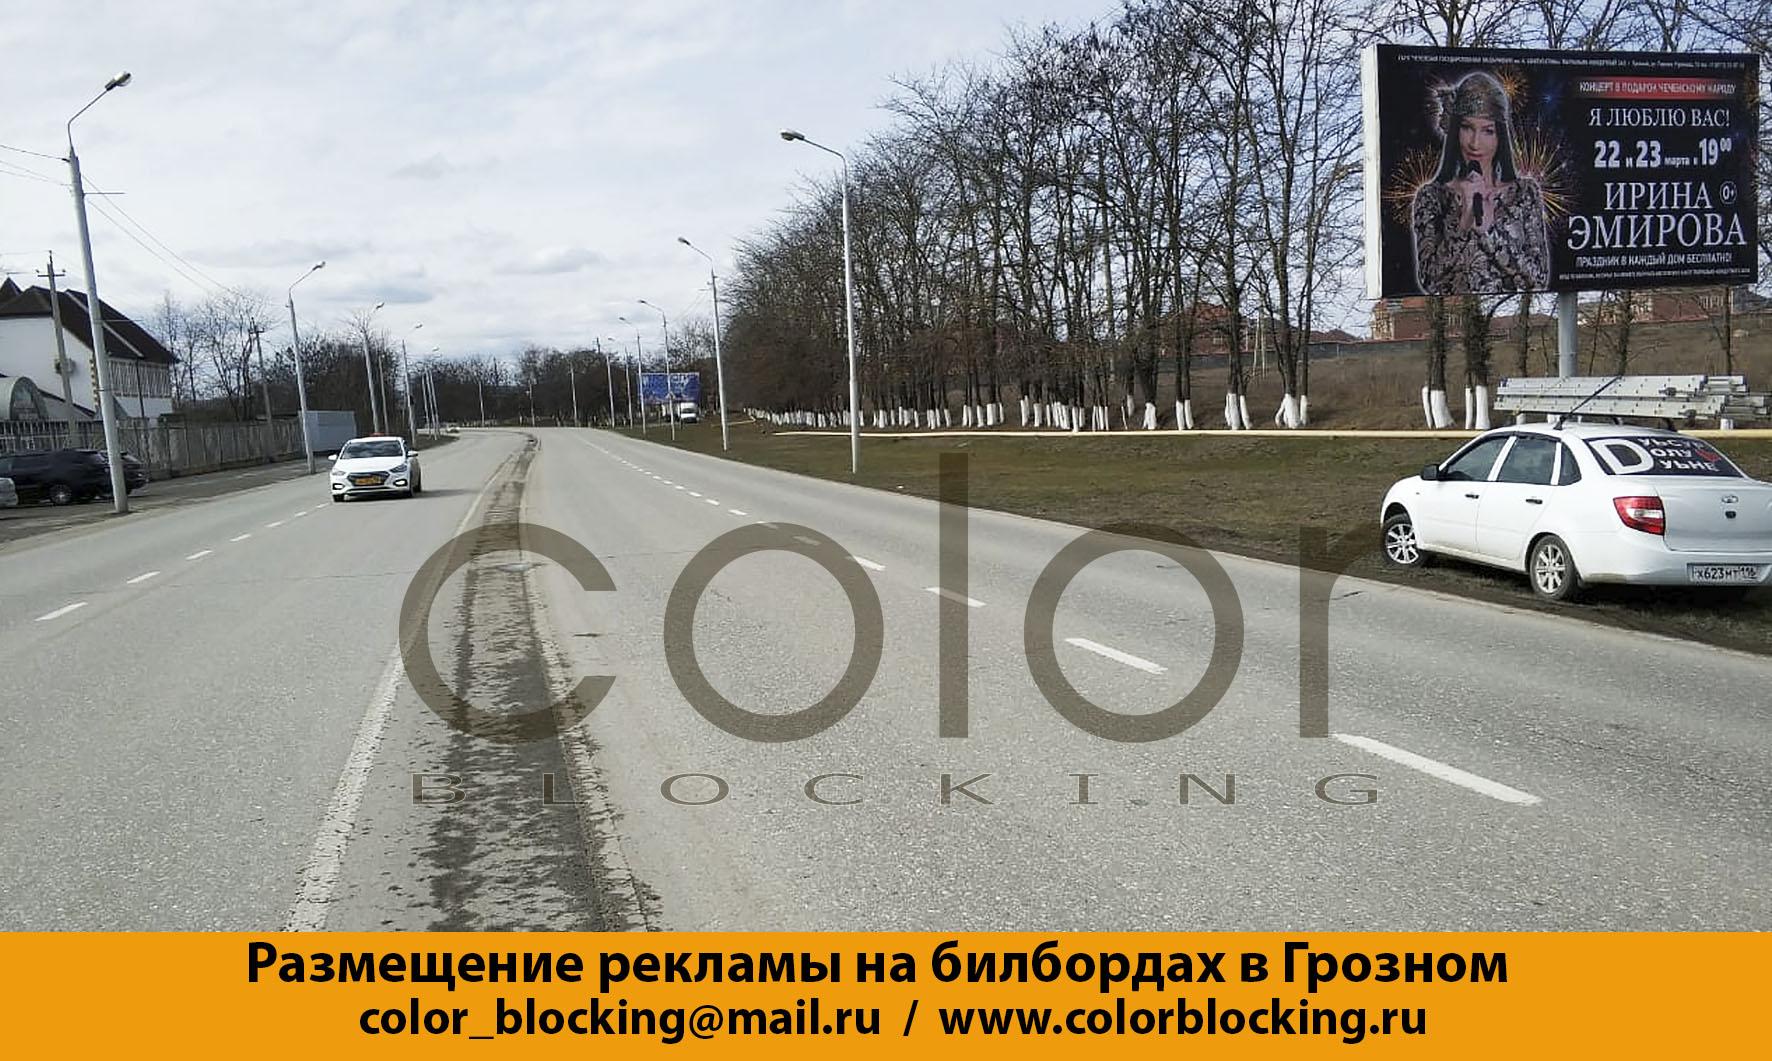 Реклама в Грозном на билбордах Айдамирова